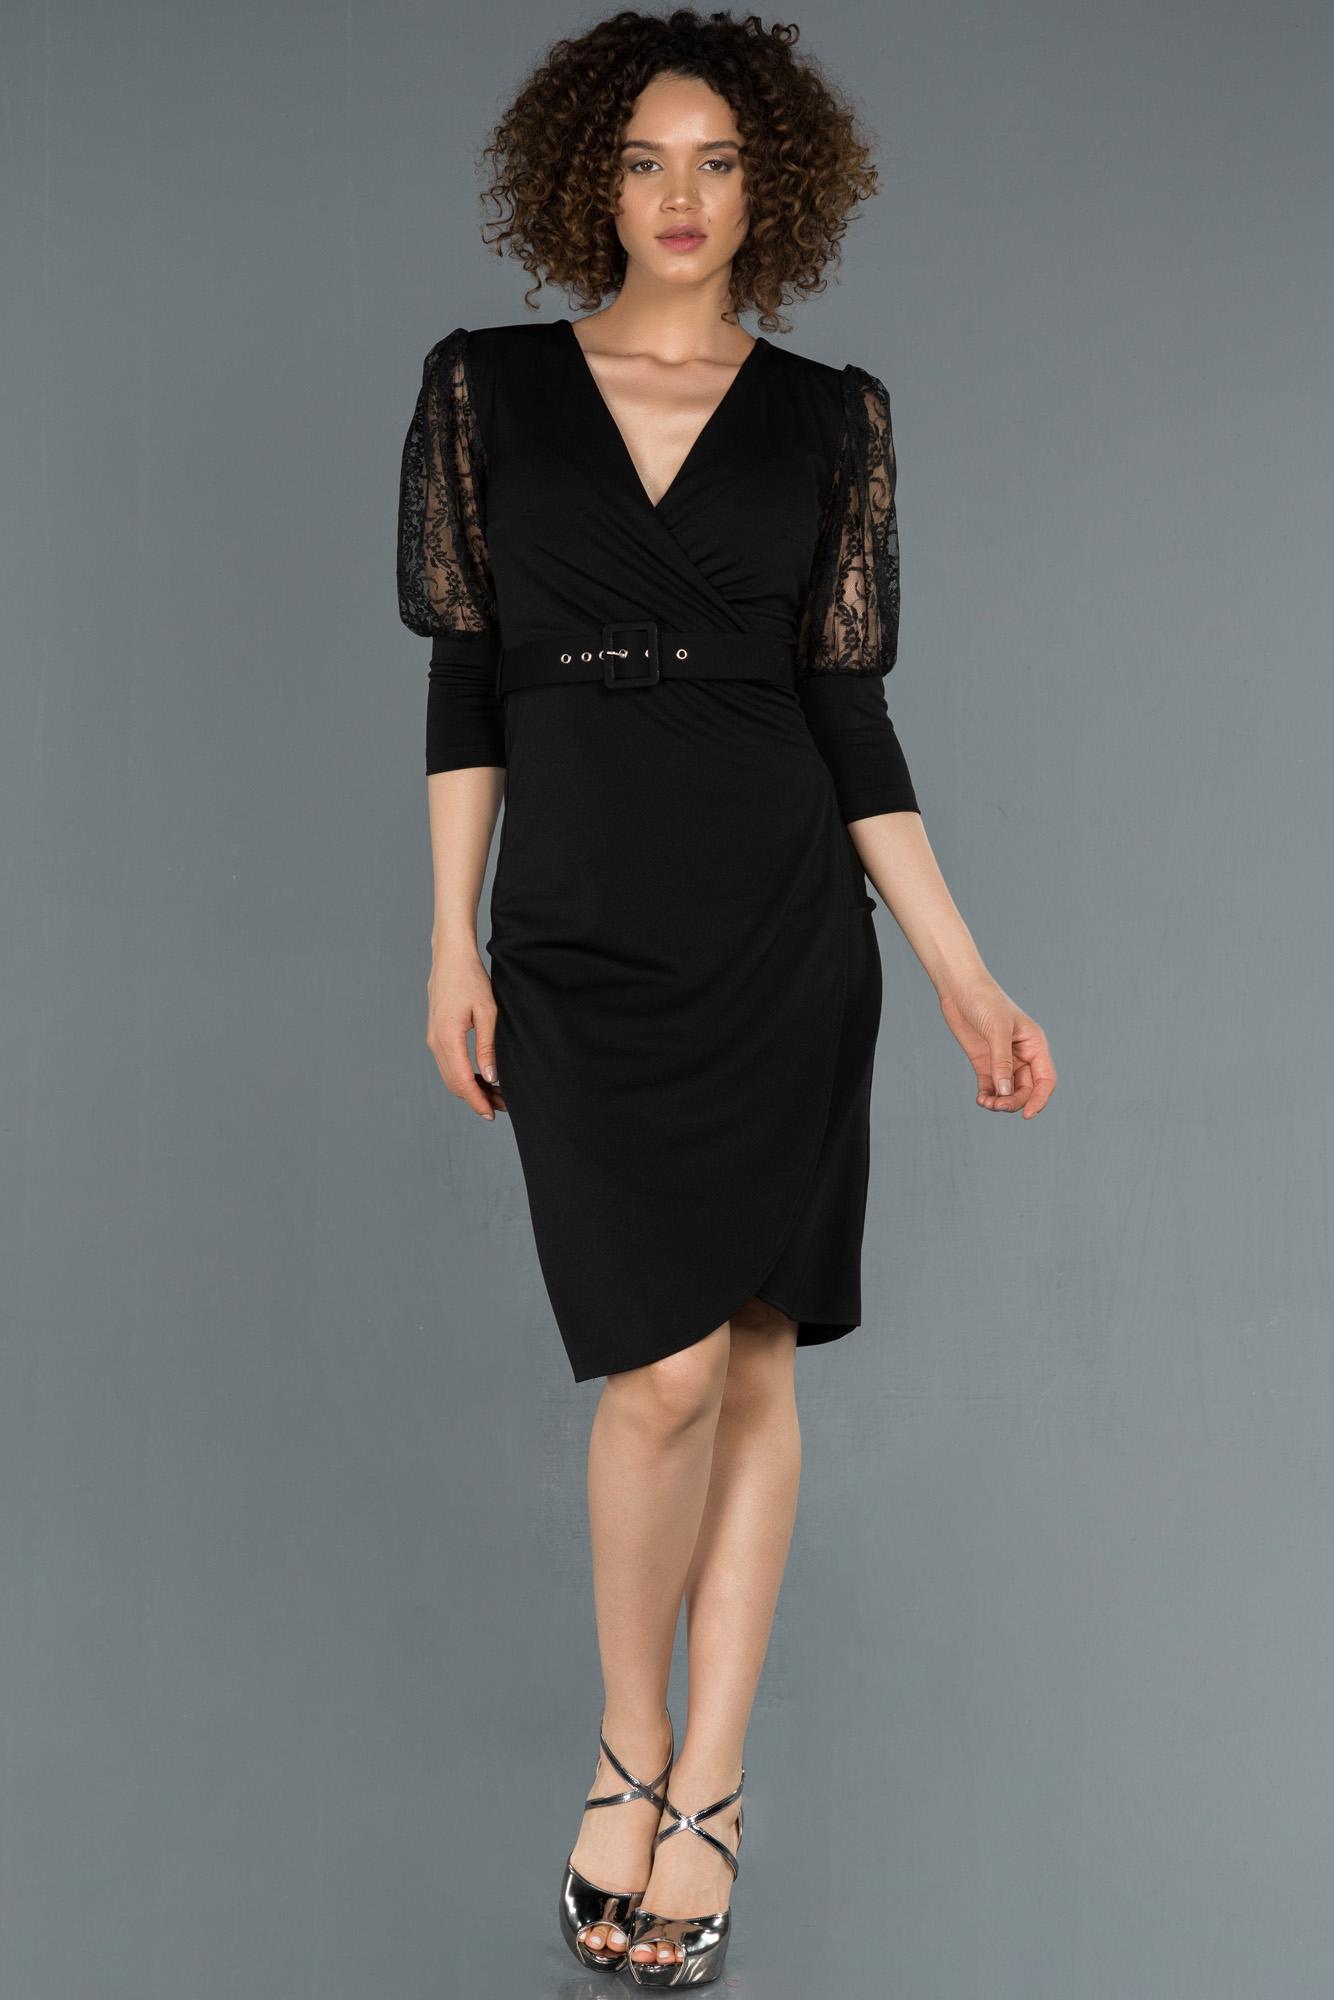 Siyah Kruvaze Yaka Transparan Detaylı Davet Elbisesi